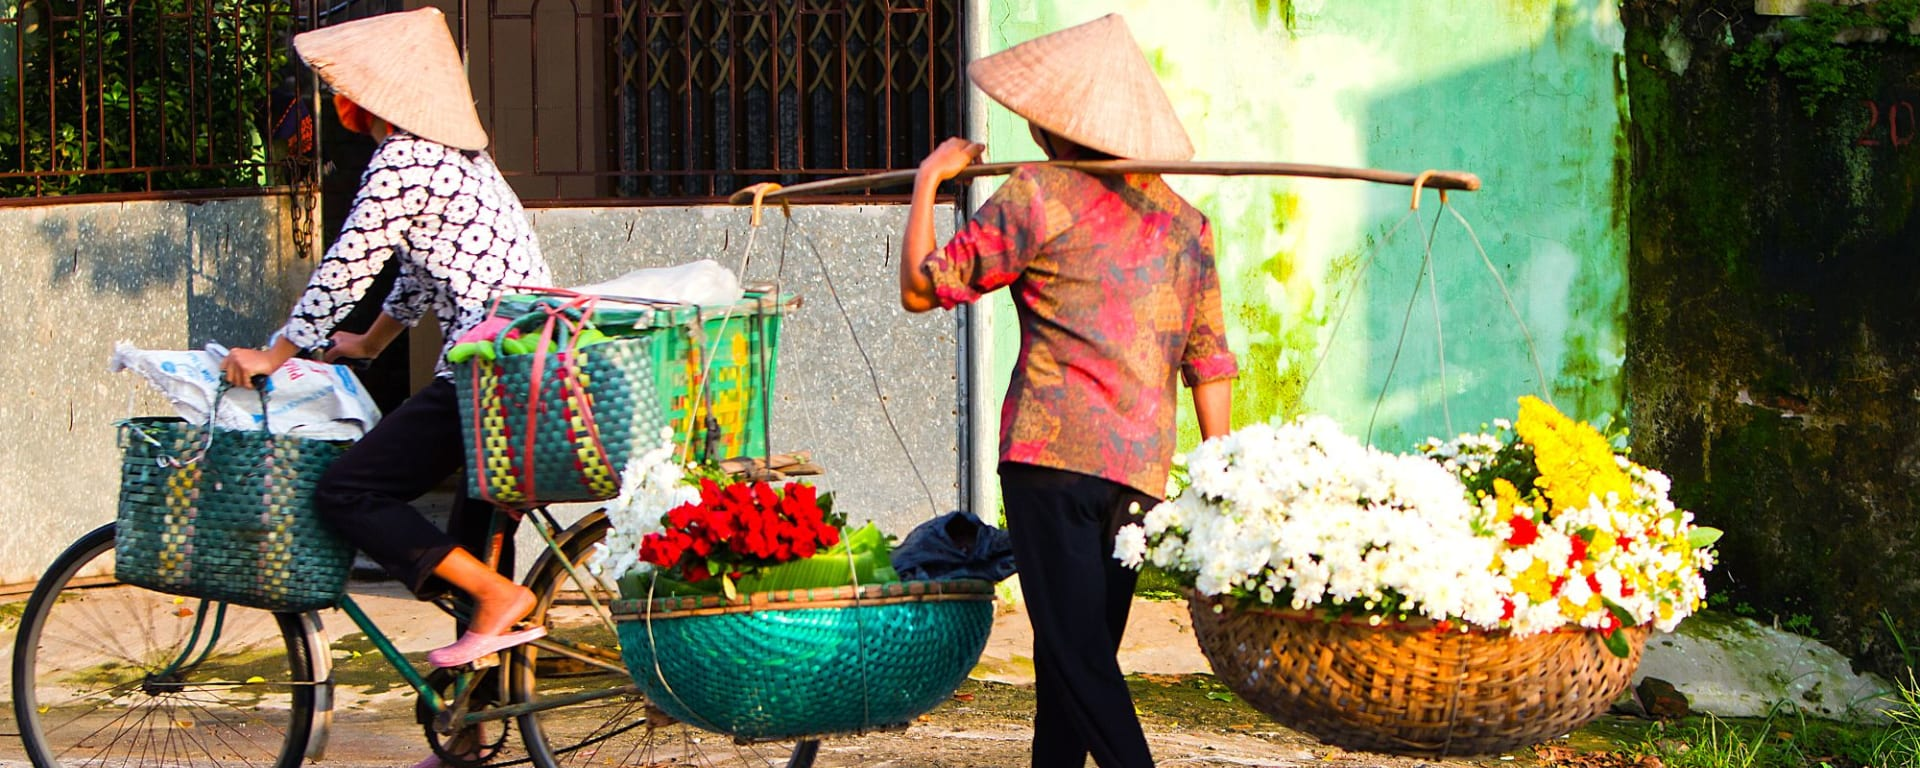 Hanoï de votre propre chef ½ jour à Hanoi: Hanoi: Flower Vendor